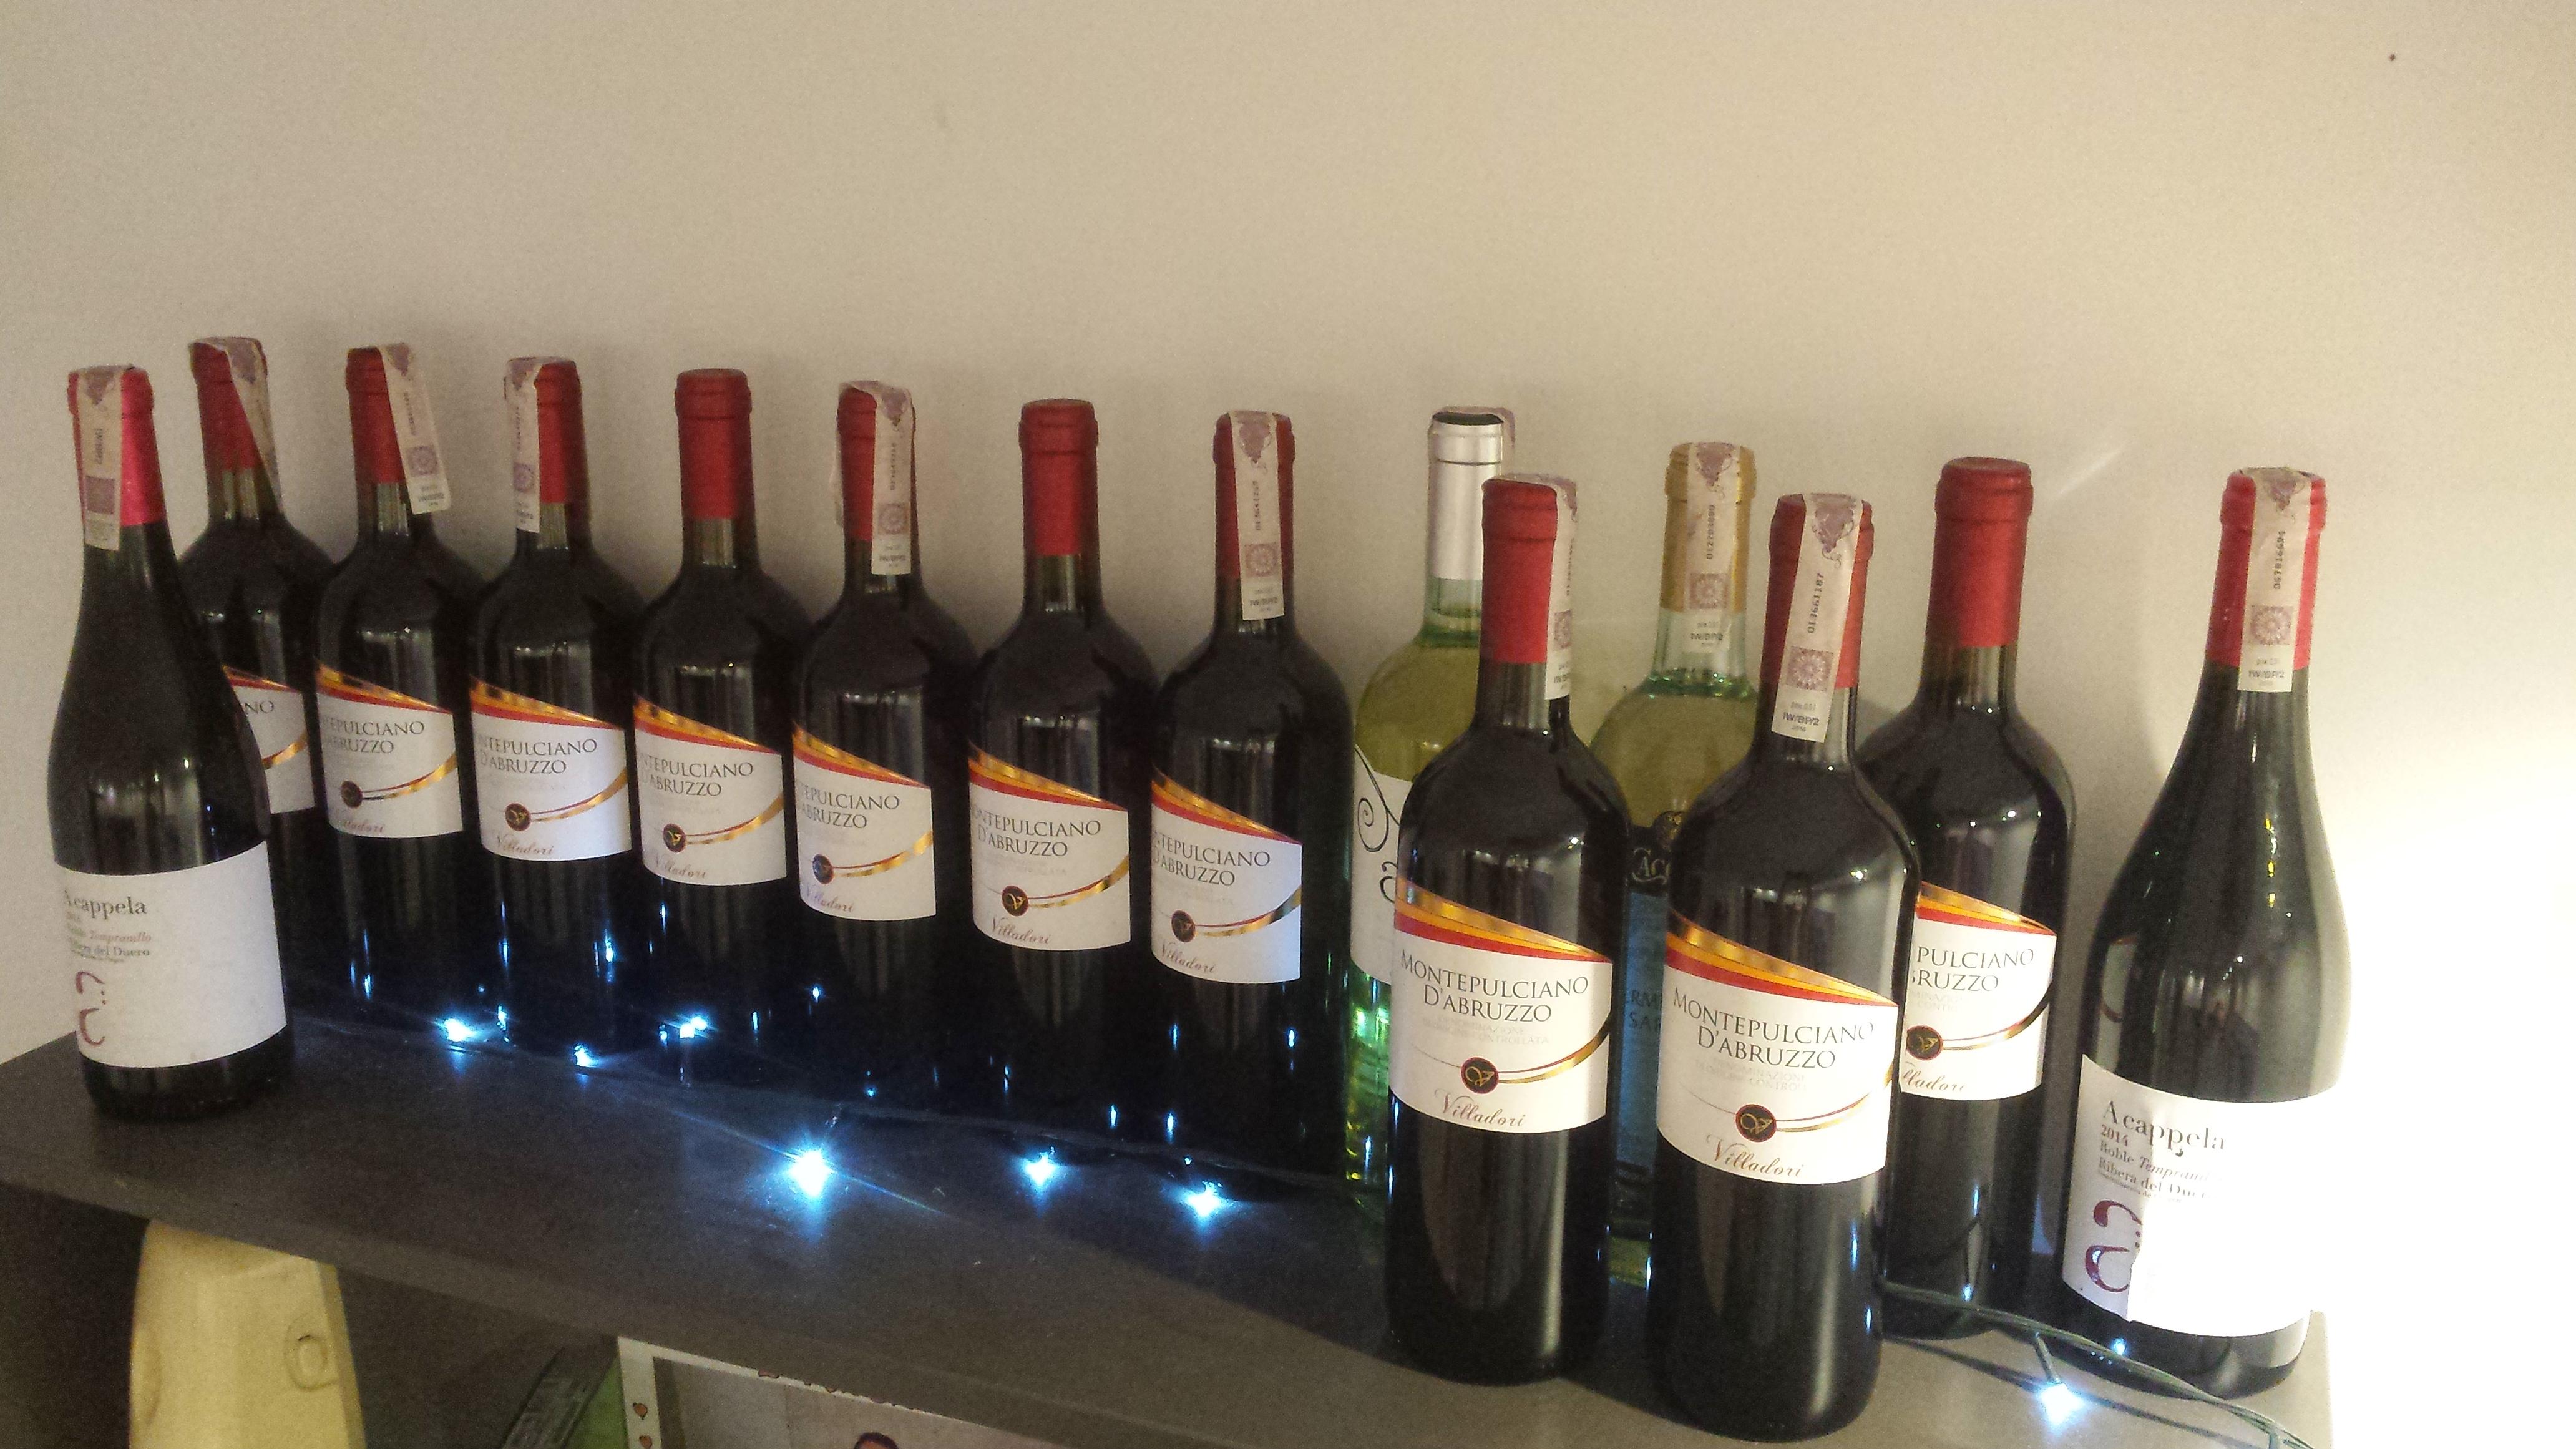 Markowe wina w świetnej cenie (5zł)Biedronka